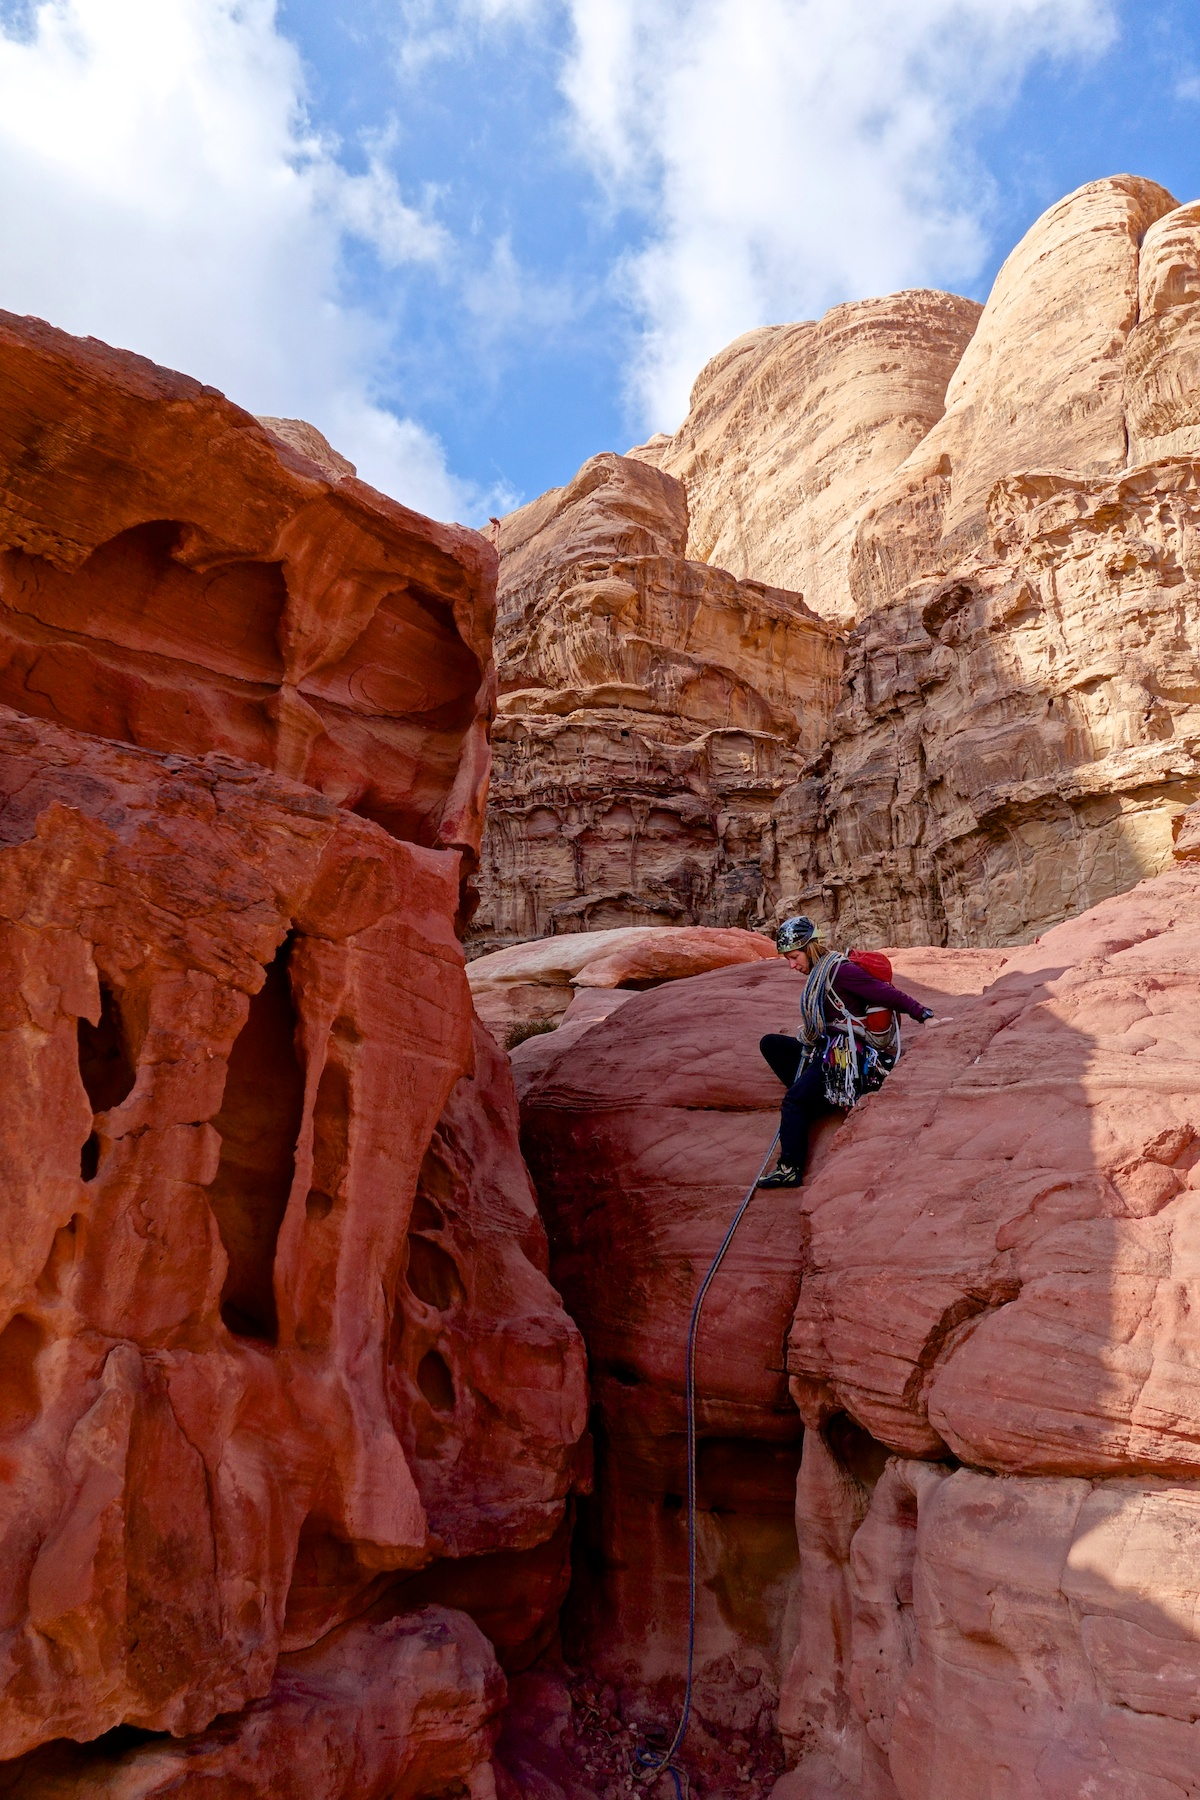 Matkalla alas Hammadin beduiinireitiltä. Climbing down Hammad's route.